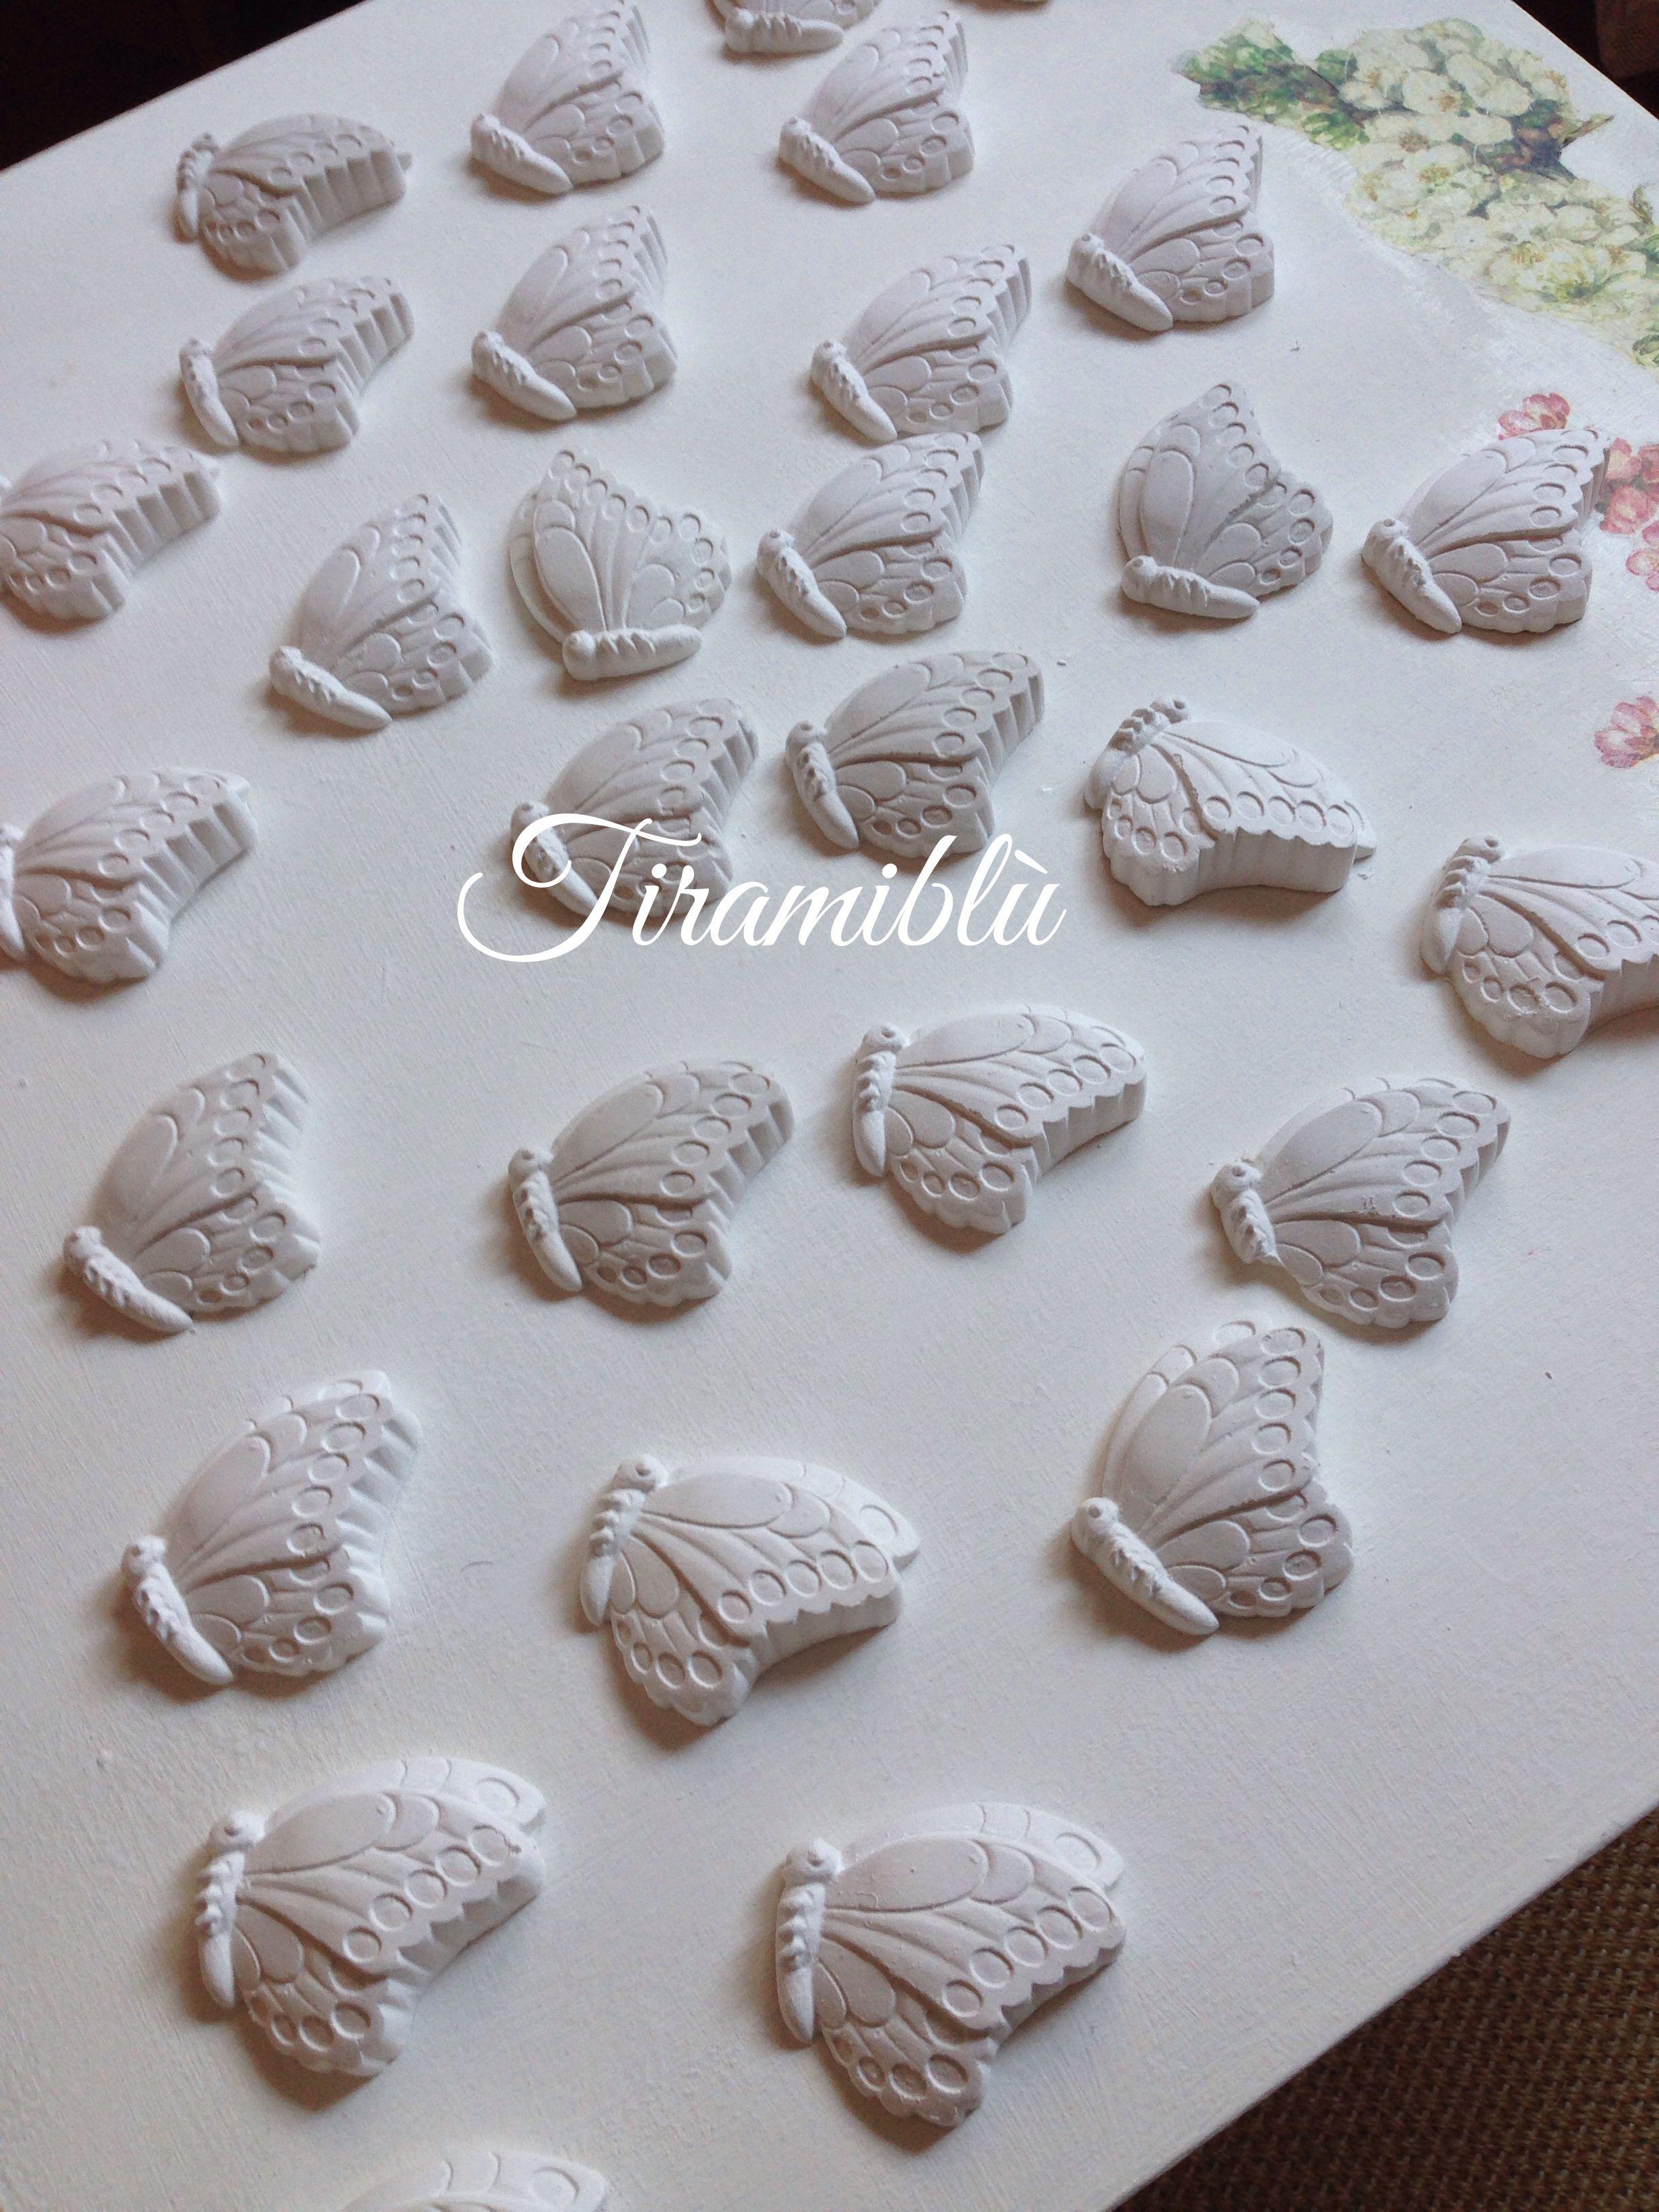 Farfalline  - gessi profumati https://tiramiblu.wordpress.com/2013/11/11/farfalle-pronte-a-prendere-il-volo/